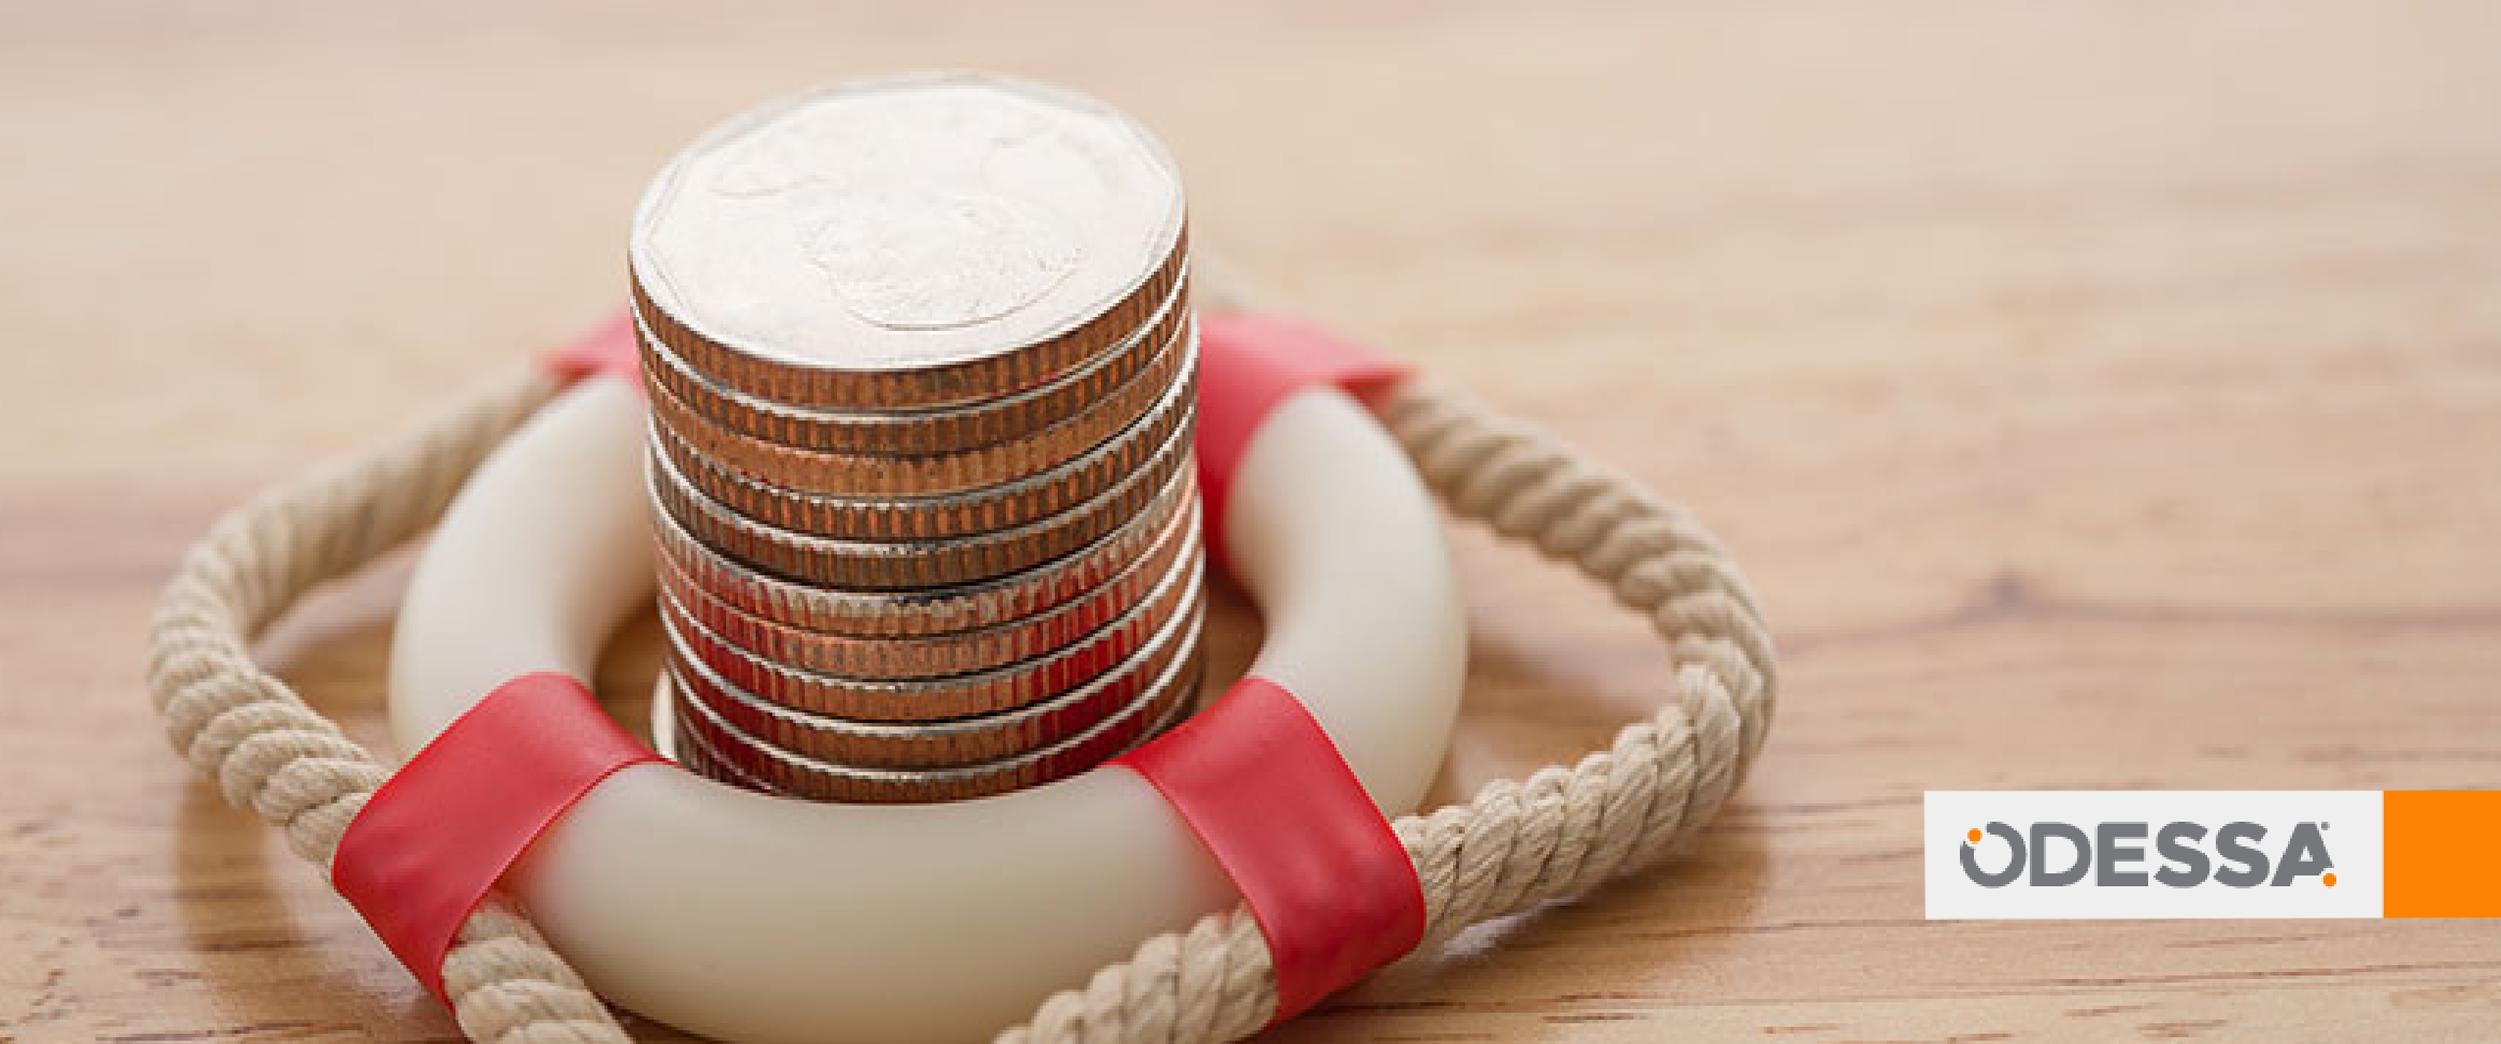 5 consejos para que la inflación no afecte tus finanzas